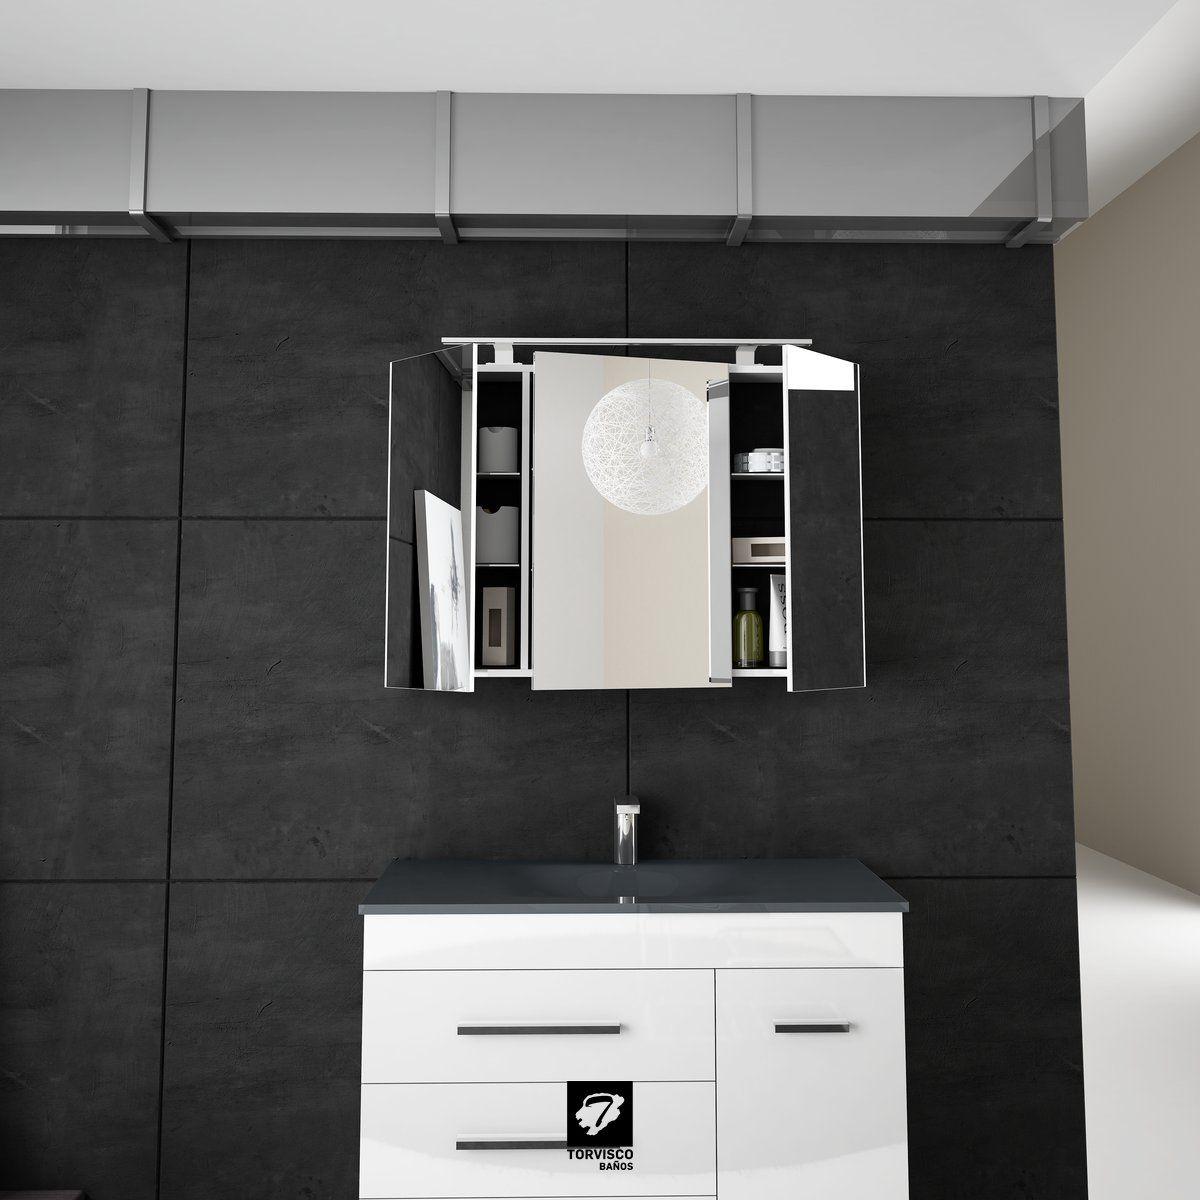 Detalle del espejo para el ba o camerino y su interior un for Espejo camerino bano